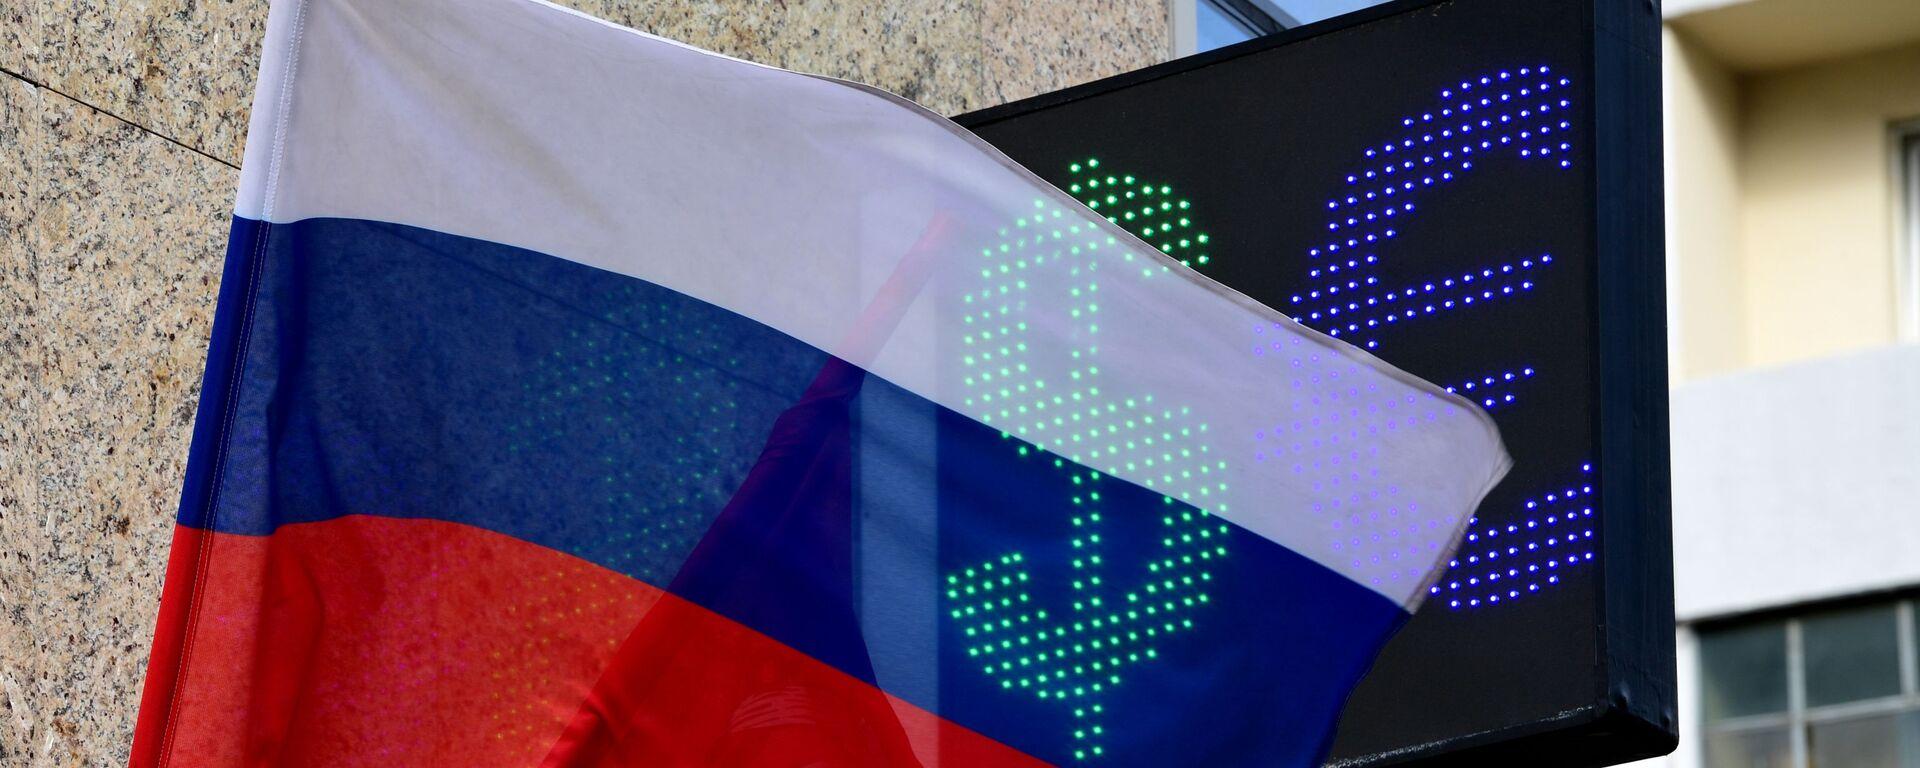 Symbole euro i dolara na tablicy kursu wymiany walut w Moskwie - Sputnik Polska, 1920, 24.09.2021